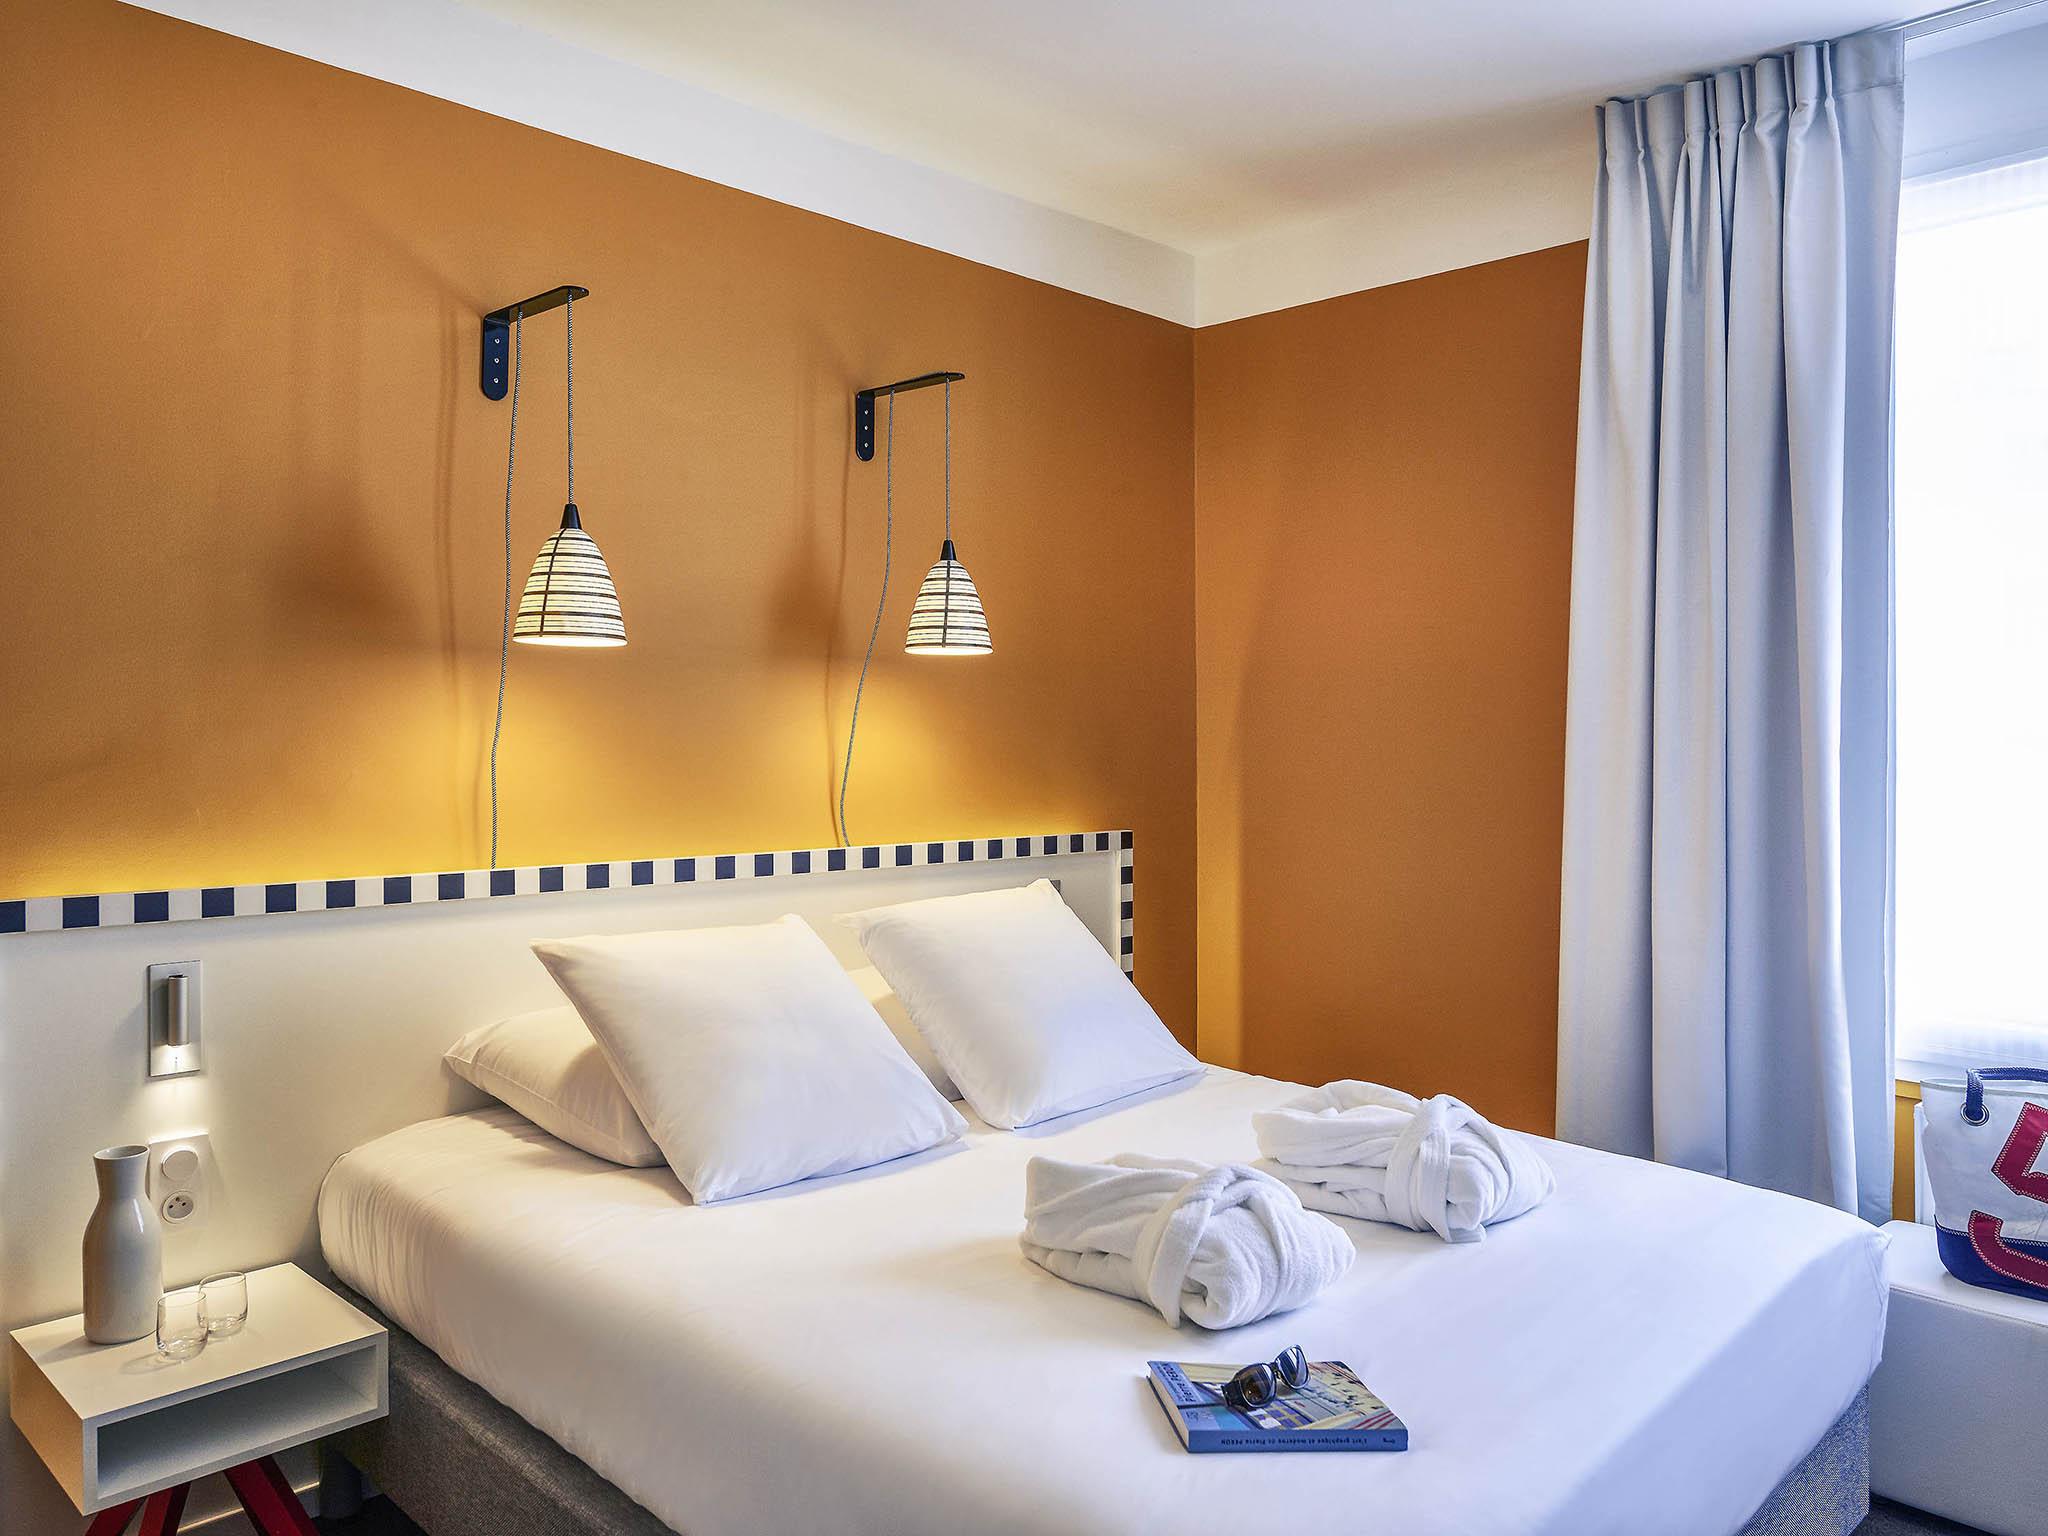 Hotel – Hotel Mercure Brest Centre Les Voyageurs